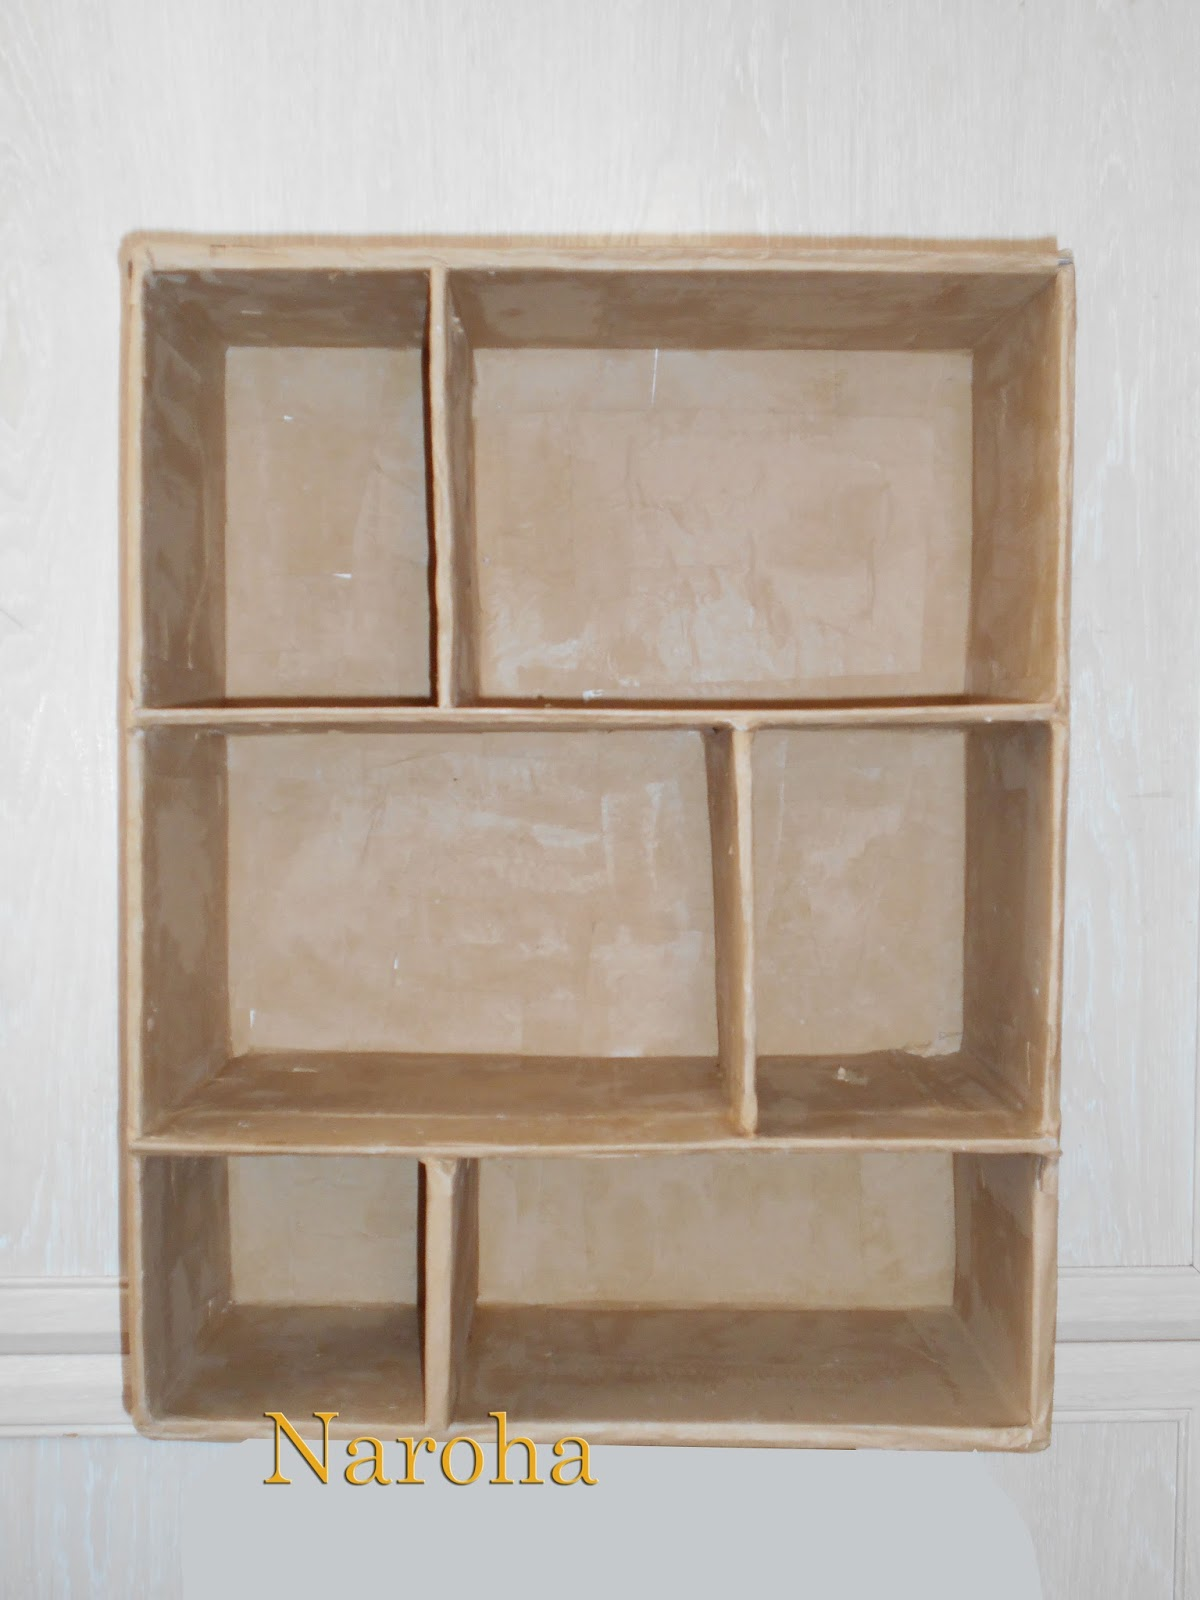 Naroha c mo hacer un mueble de cart n con cajones for Cajones para muebles